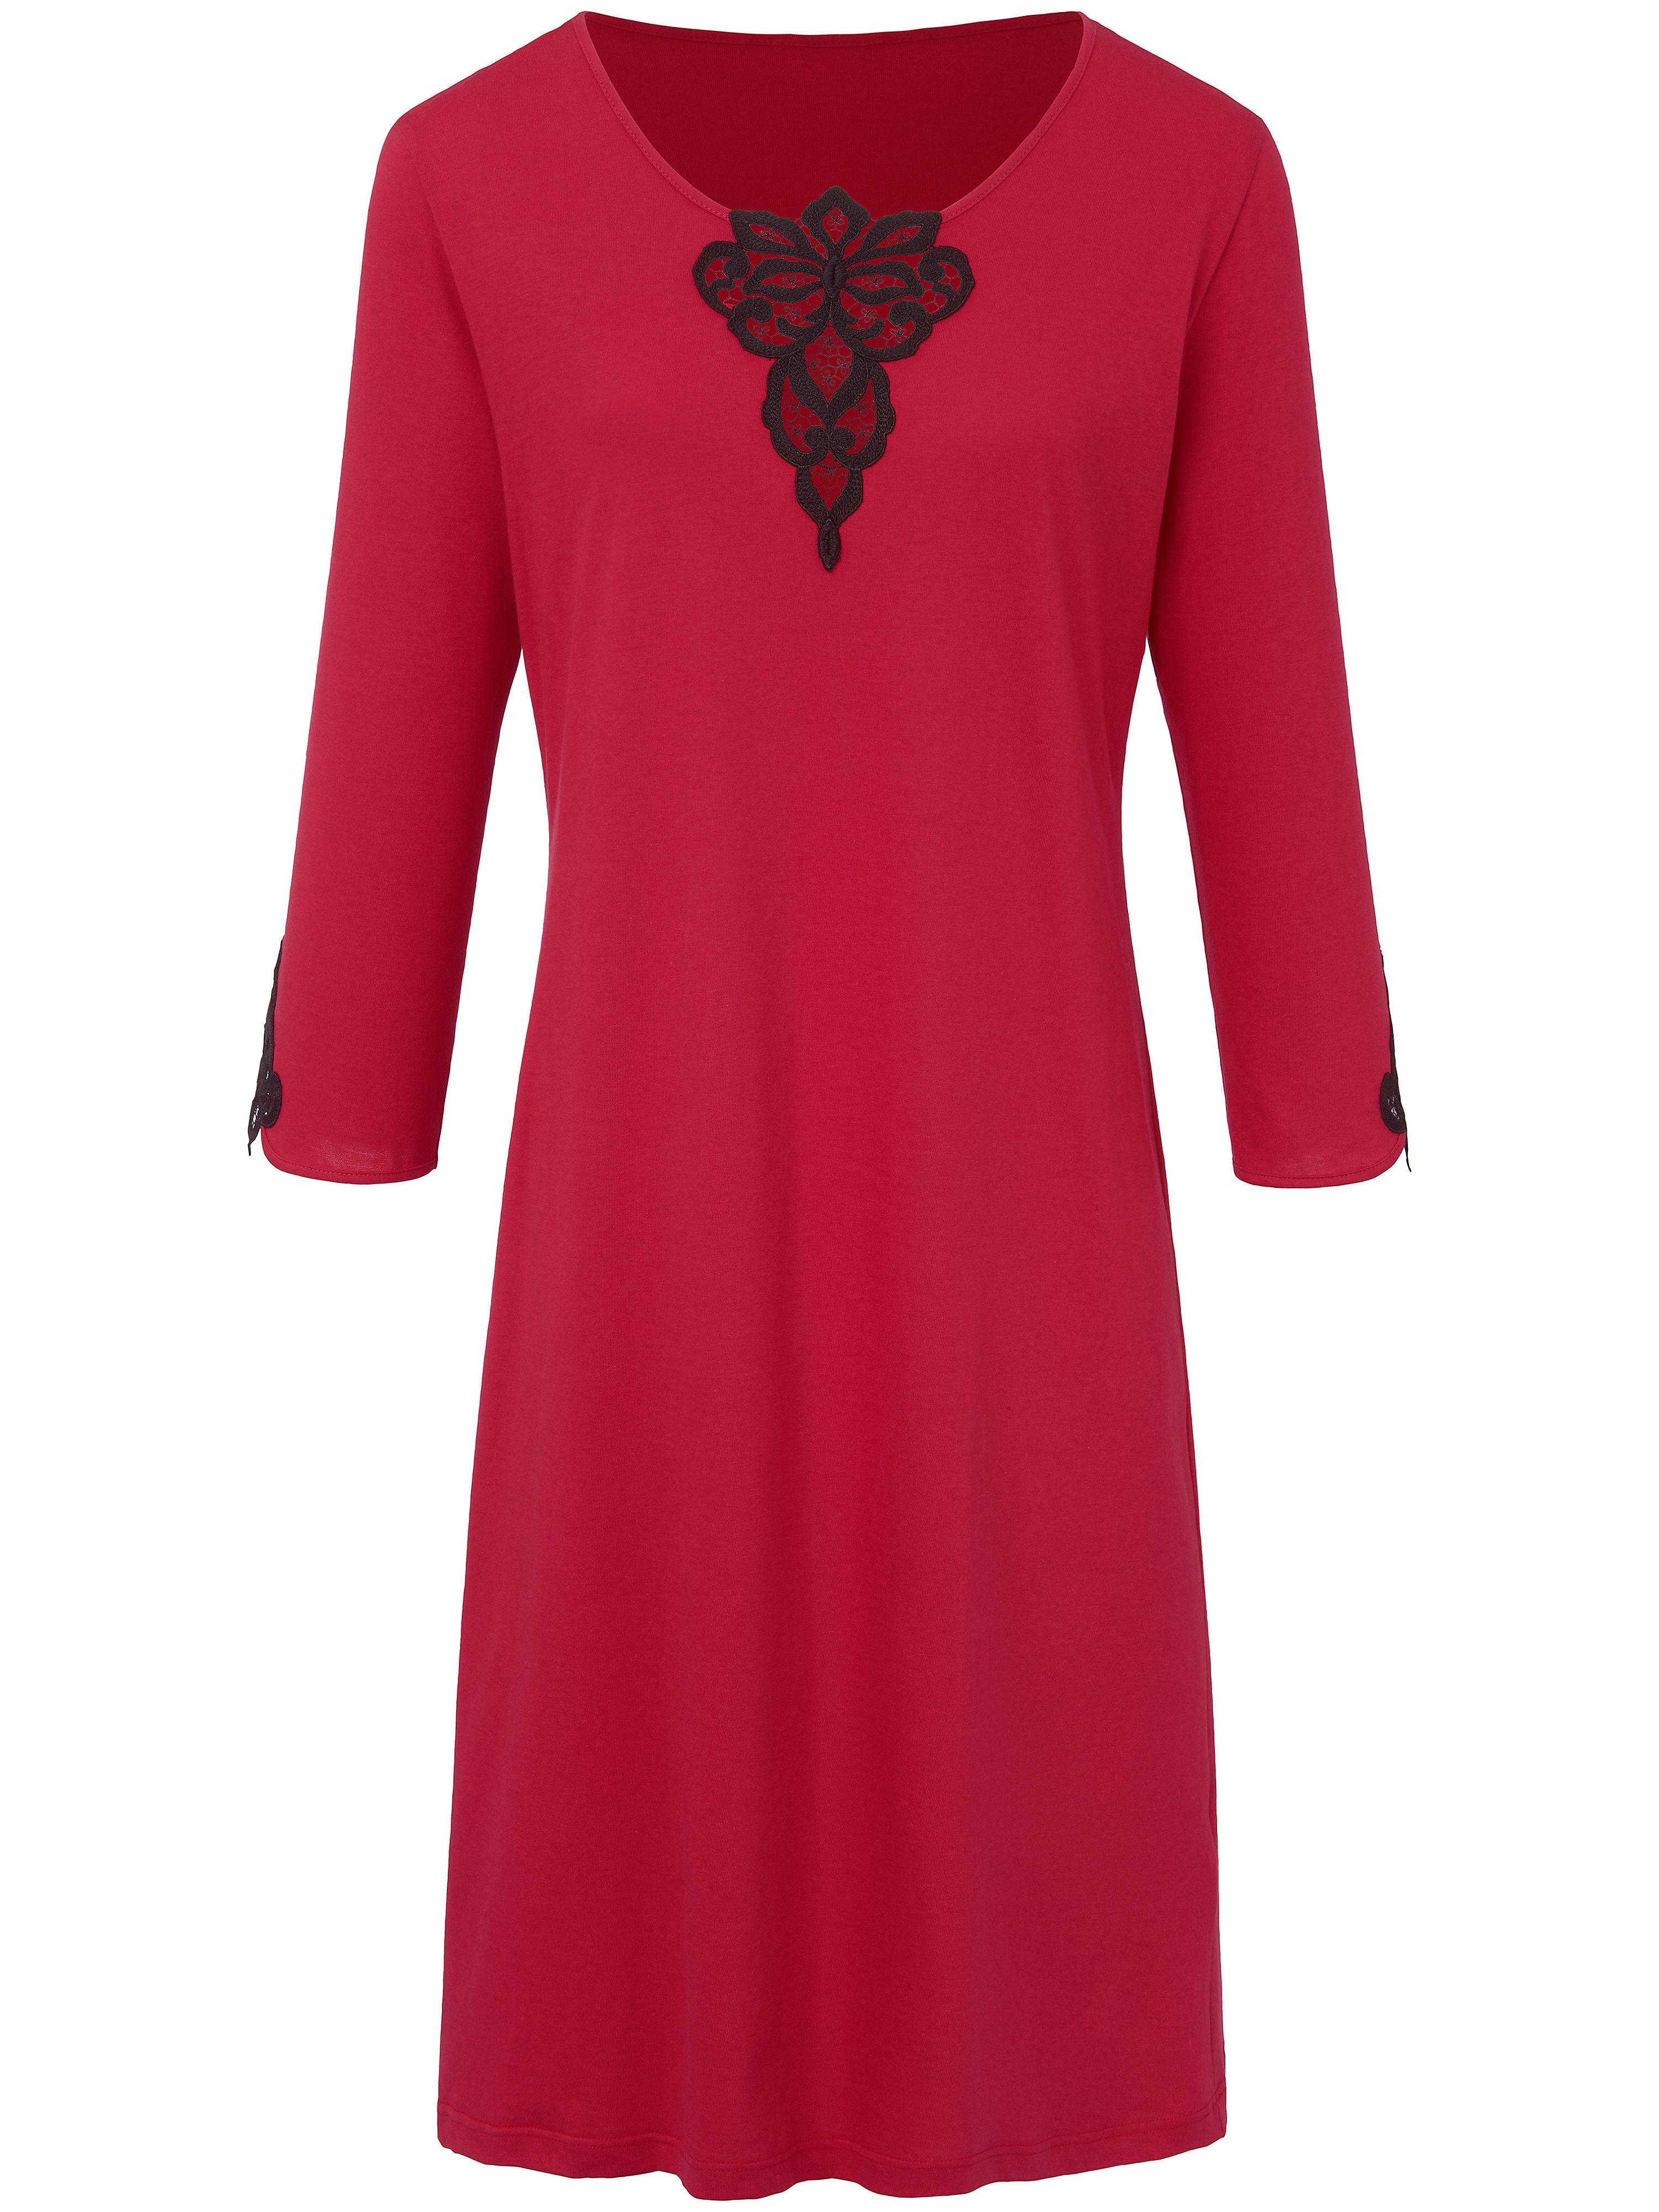 La chemise nuit 100% coton  Hautnah rouge taille 42